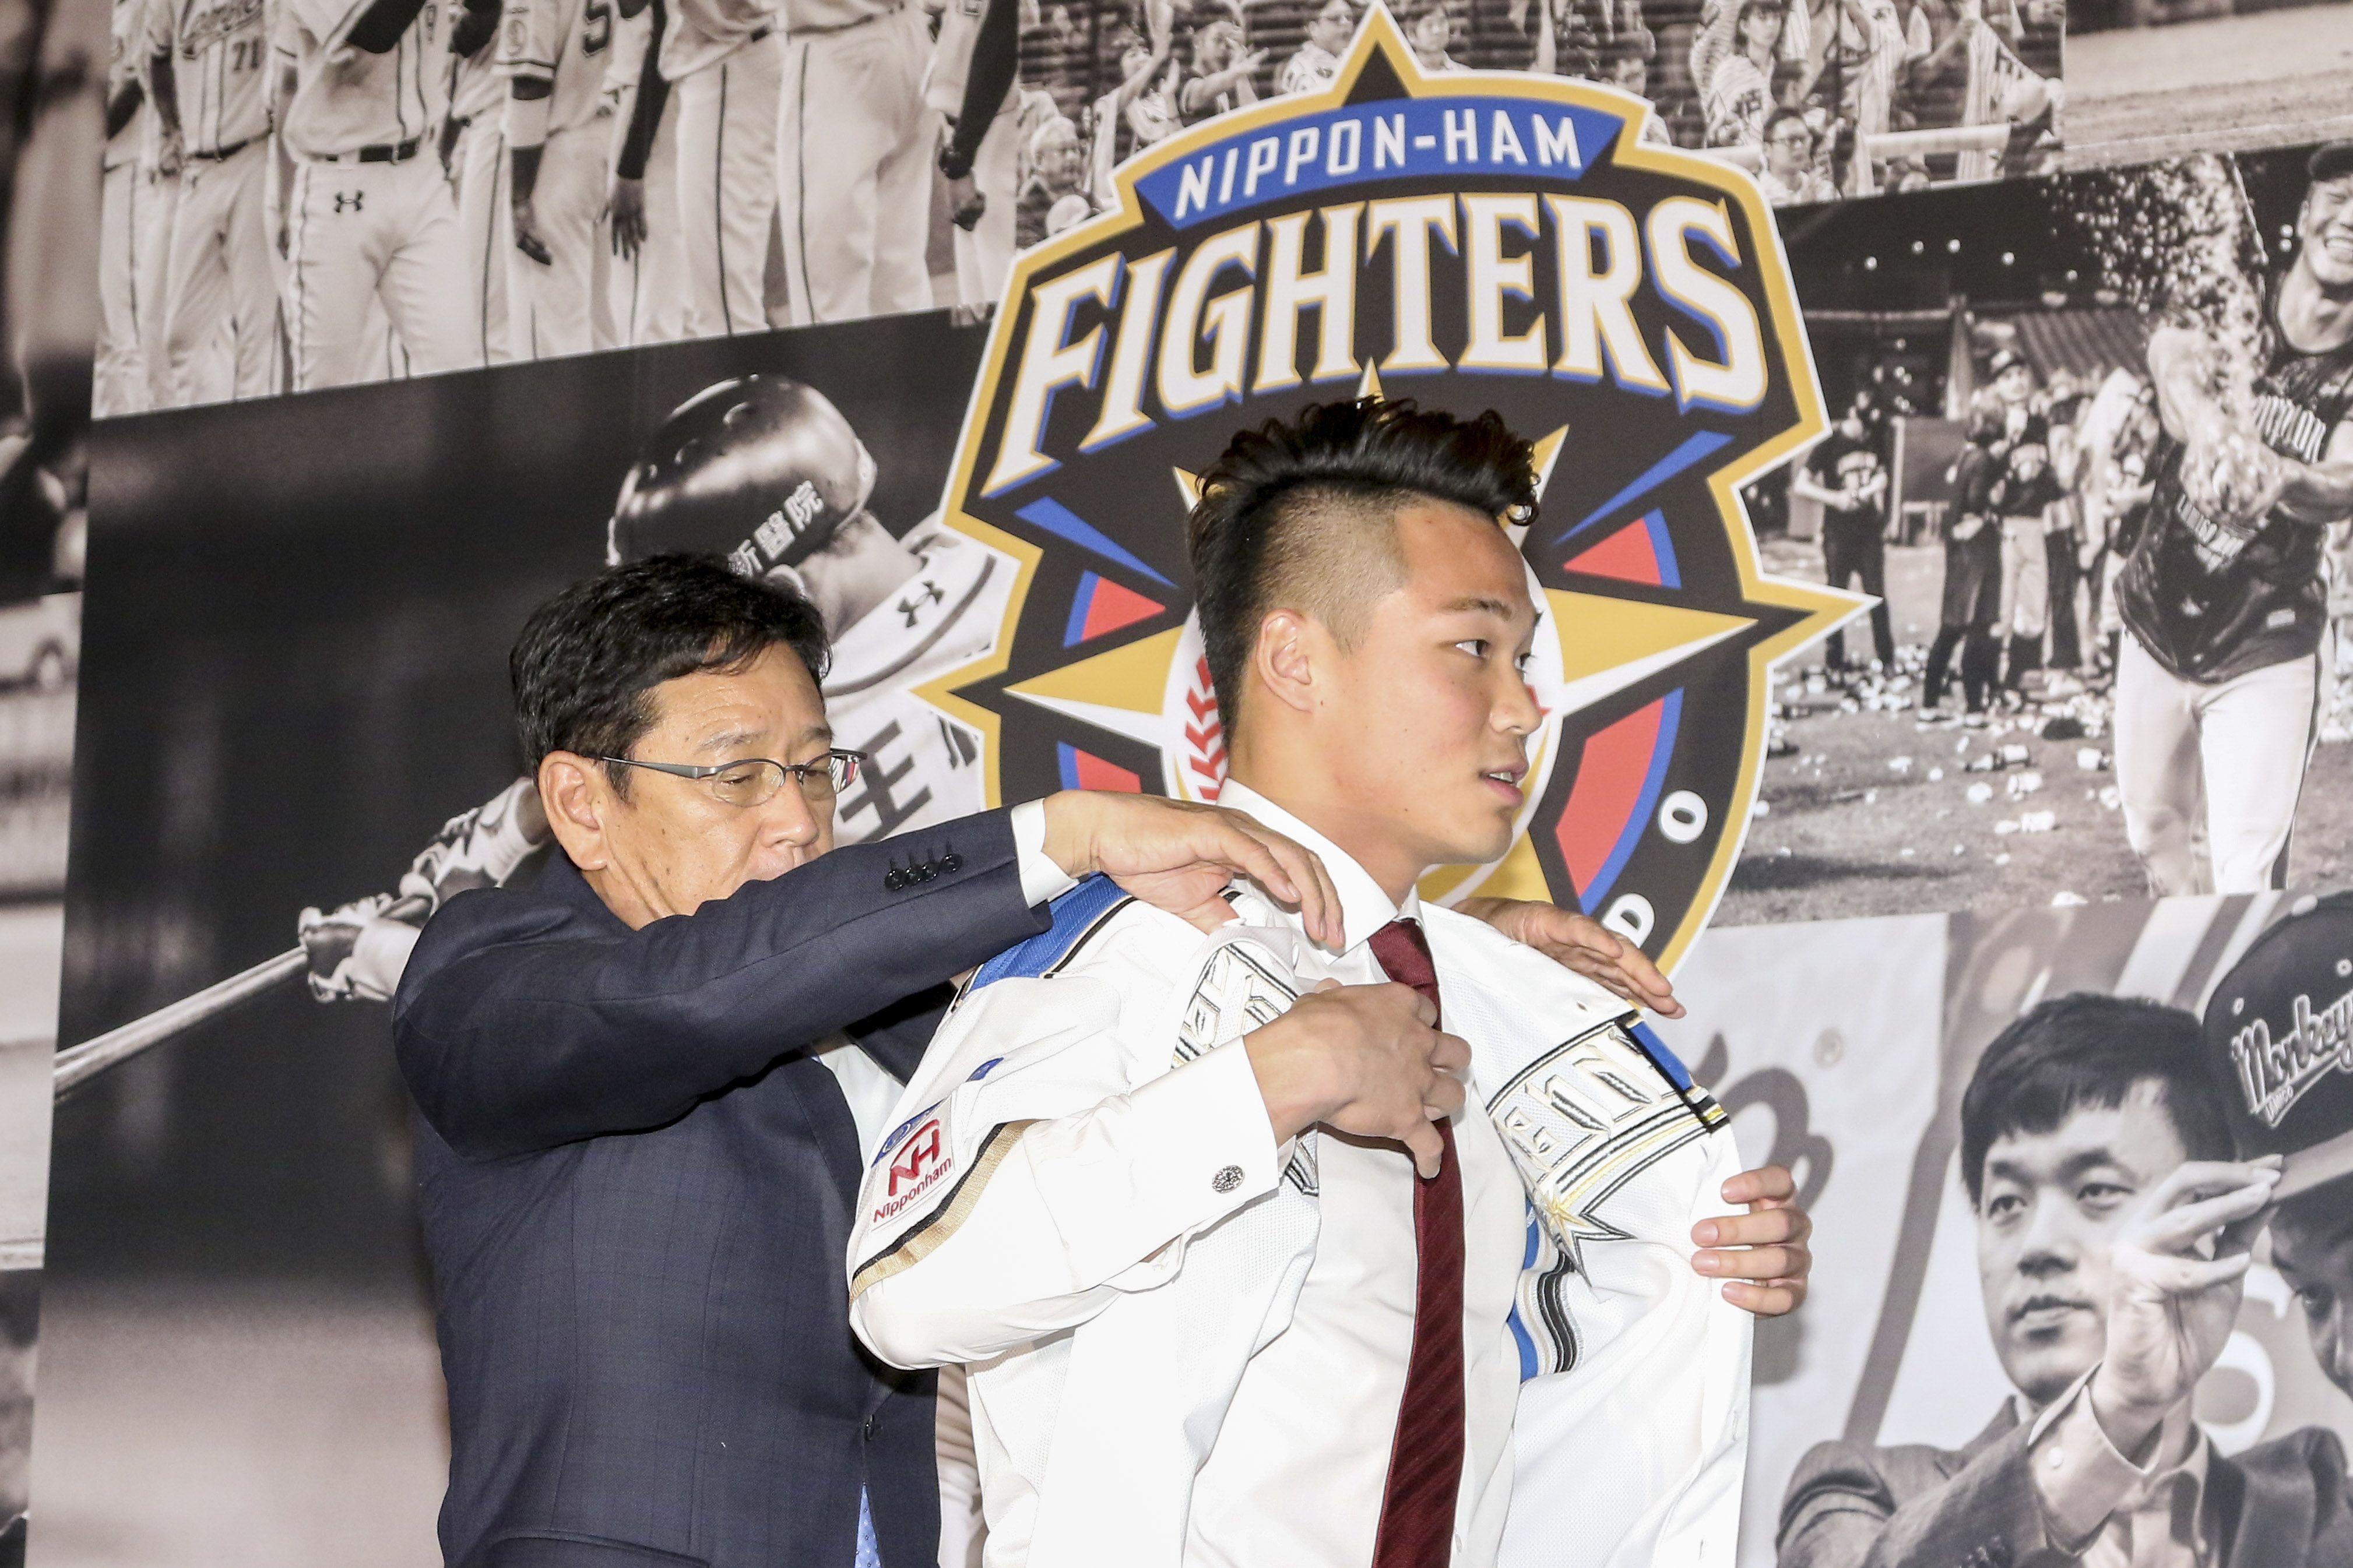 台灣強打王柏融與日本職棒火腿隊簽約,日本火腿球團監督栗山英樹遞上背號99號新球衣以及帽子並為其穿上。(記者林士傑/攝影)